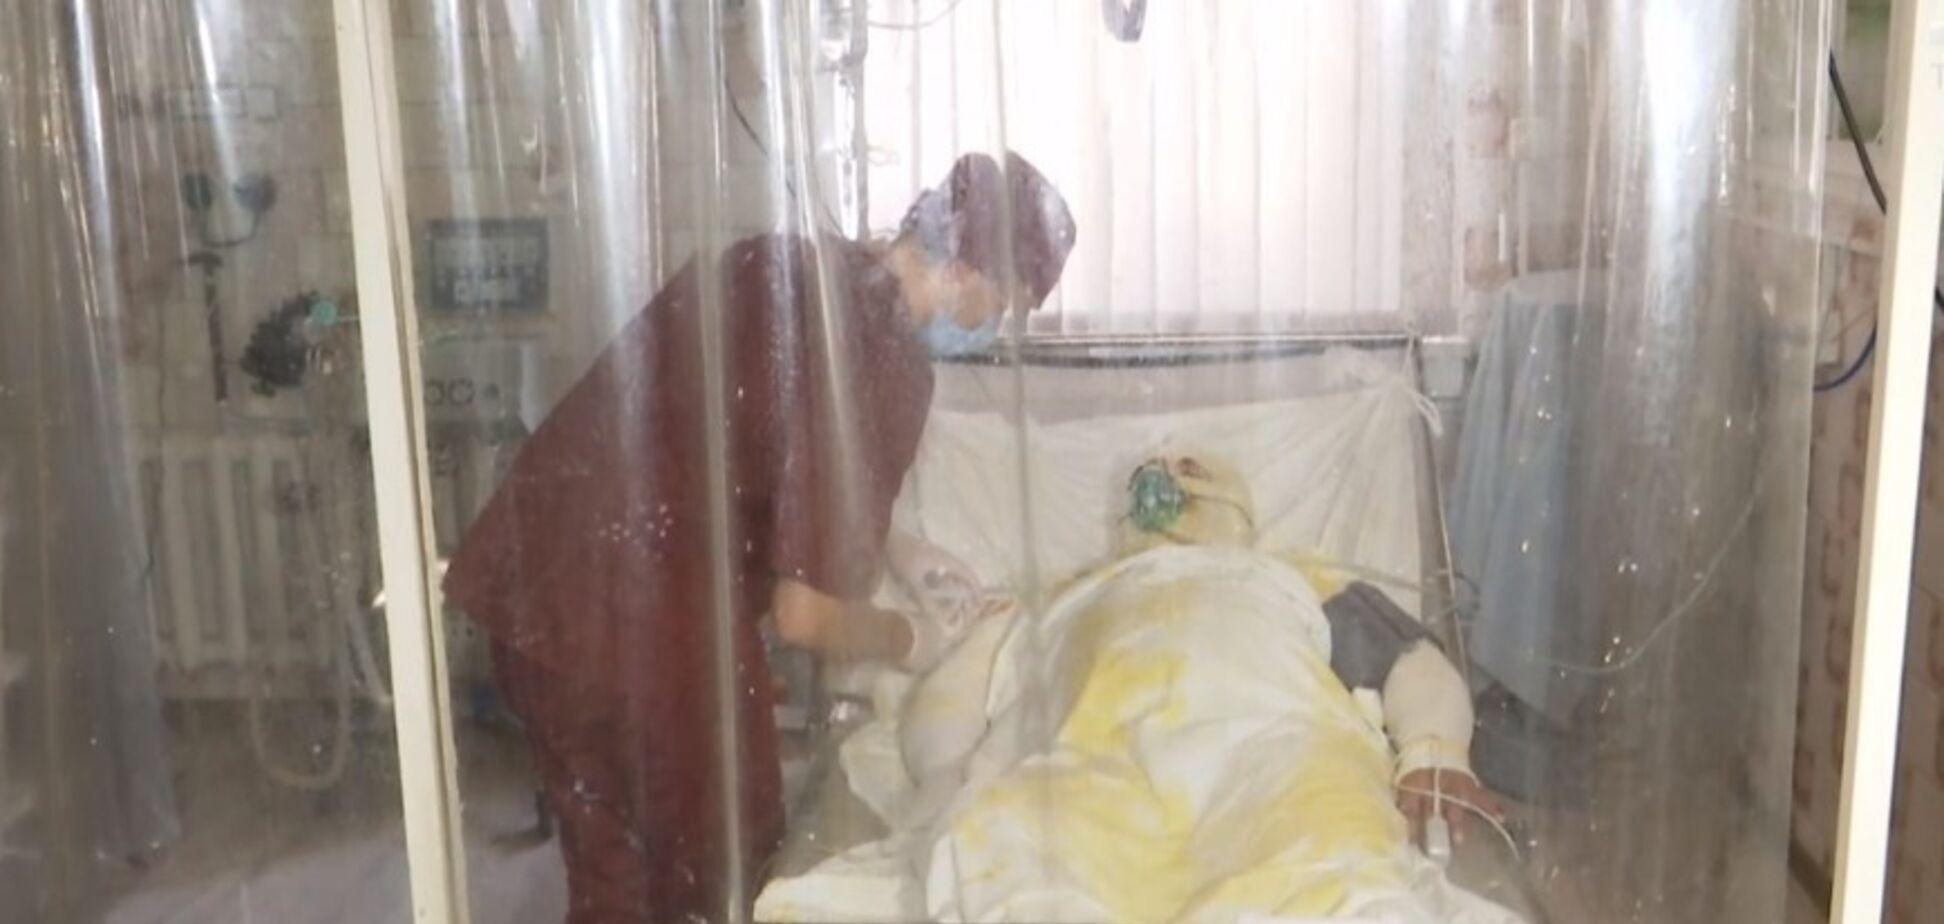 Сгорело 65% тела: бойцу ООС срочно нужна помощь